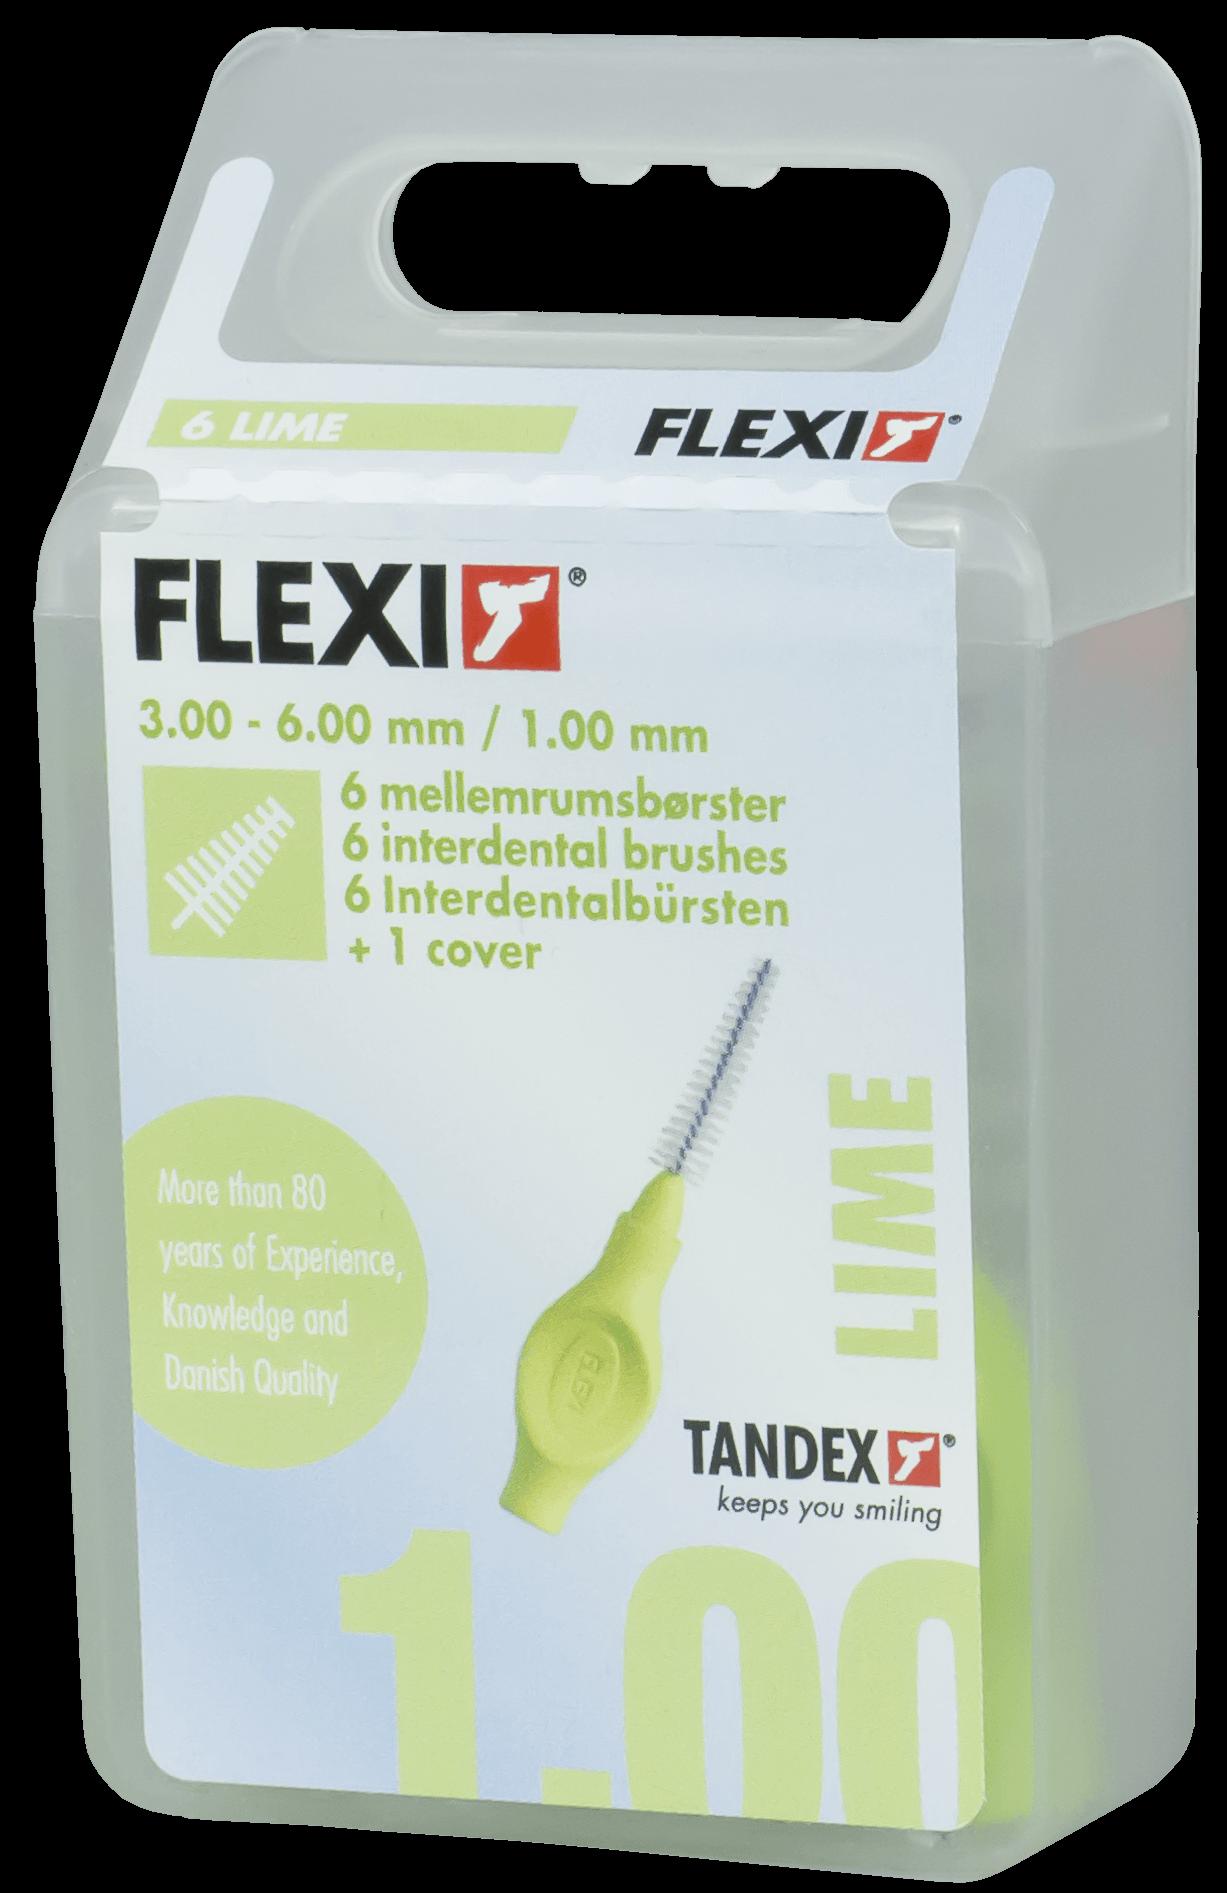 Tandex, FLEXI,  interdentalbørste, 1 mm, lime, 6 stk